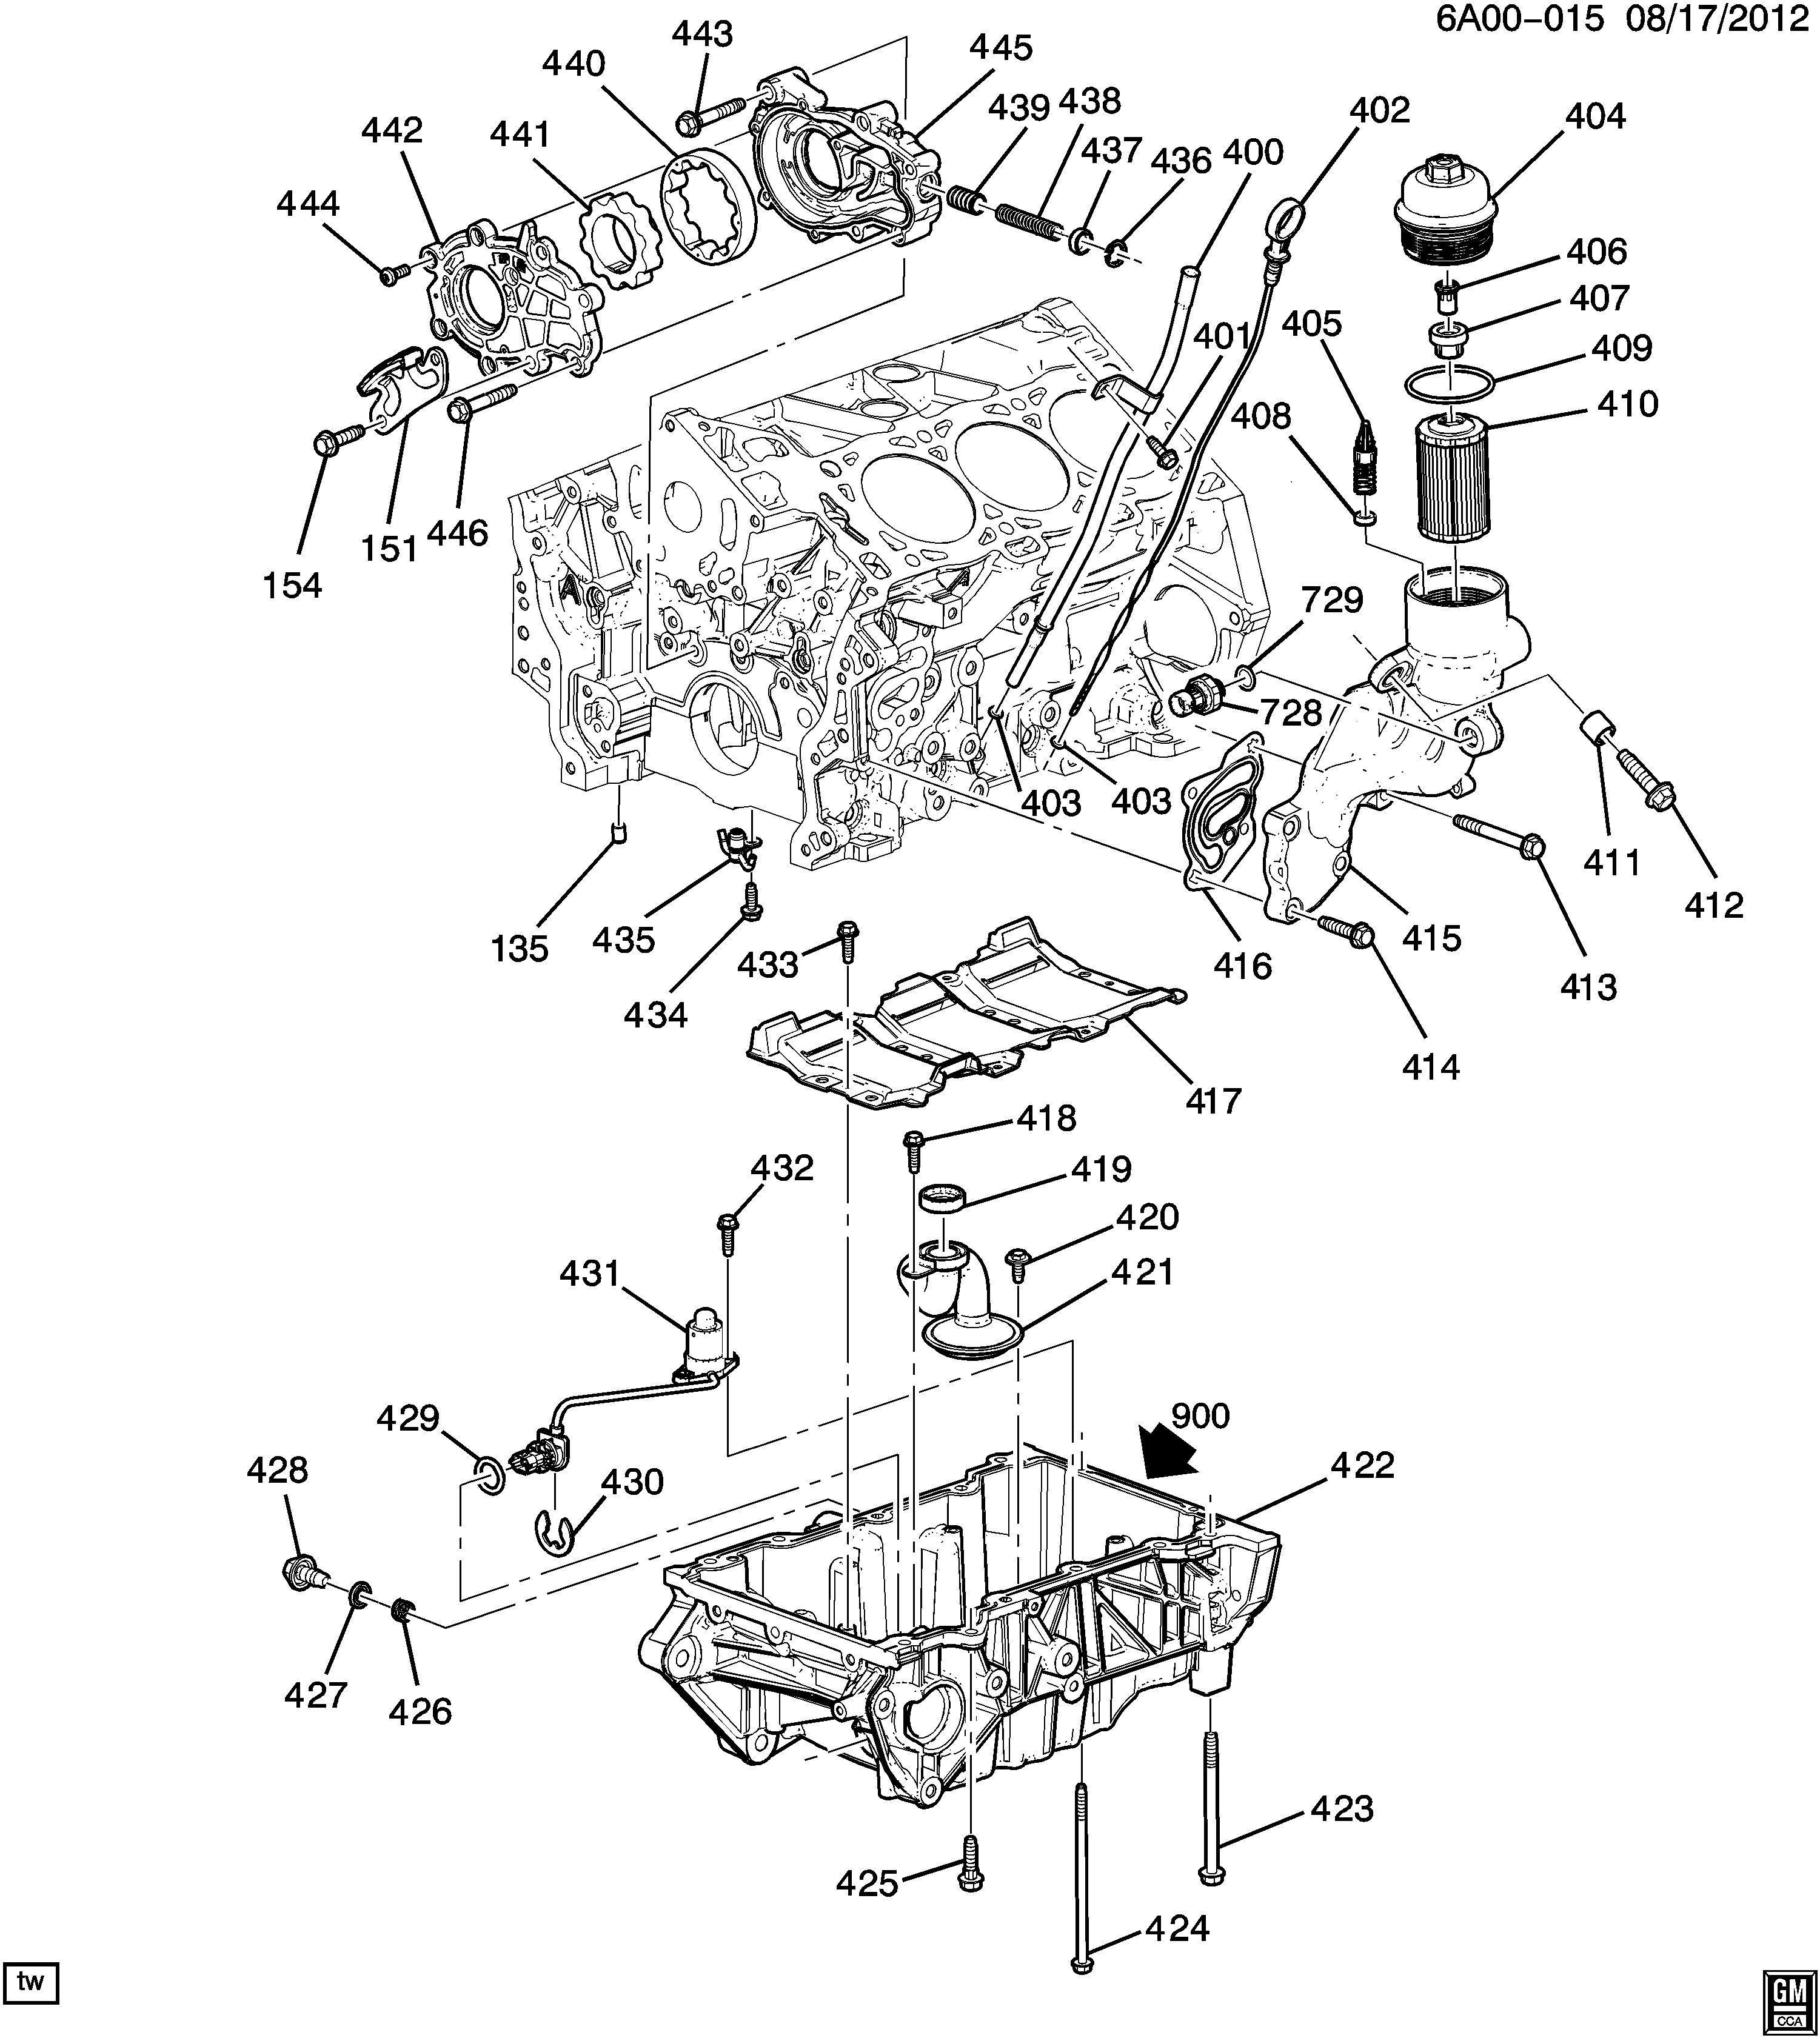 [DIAGRAM] Mazda 3 0 V6 Engine Diagram Oil Pan FULL Version